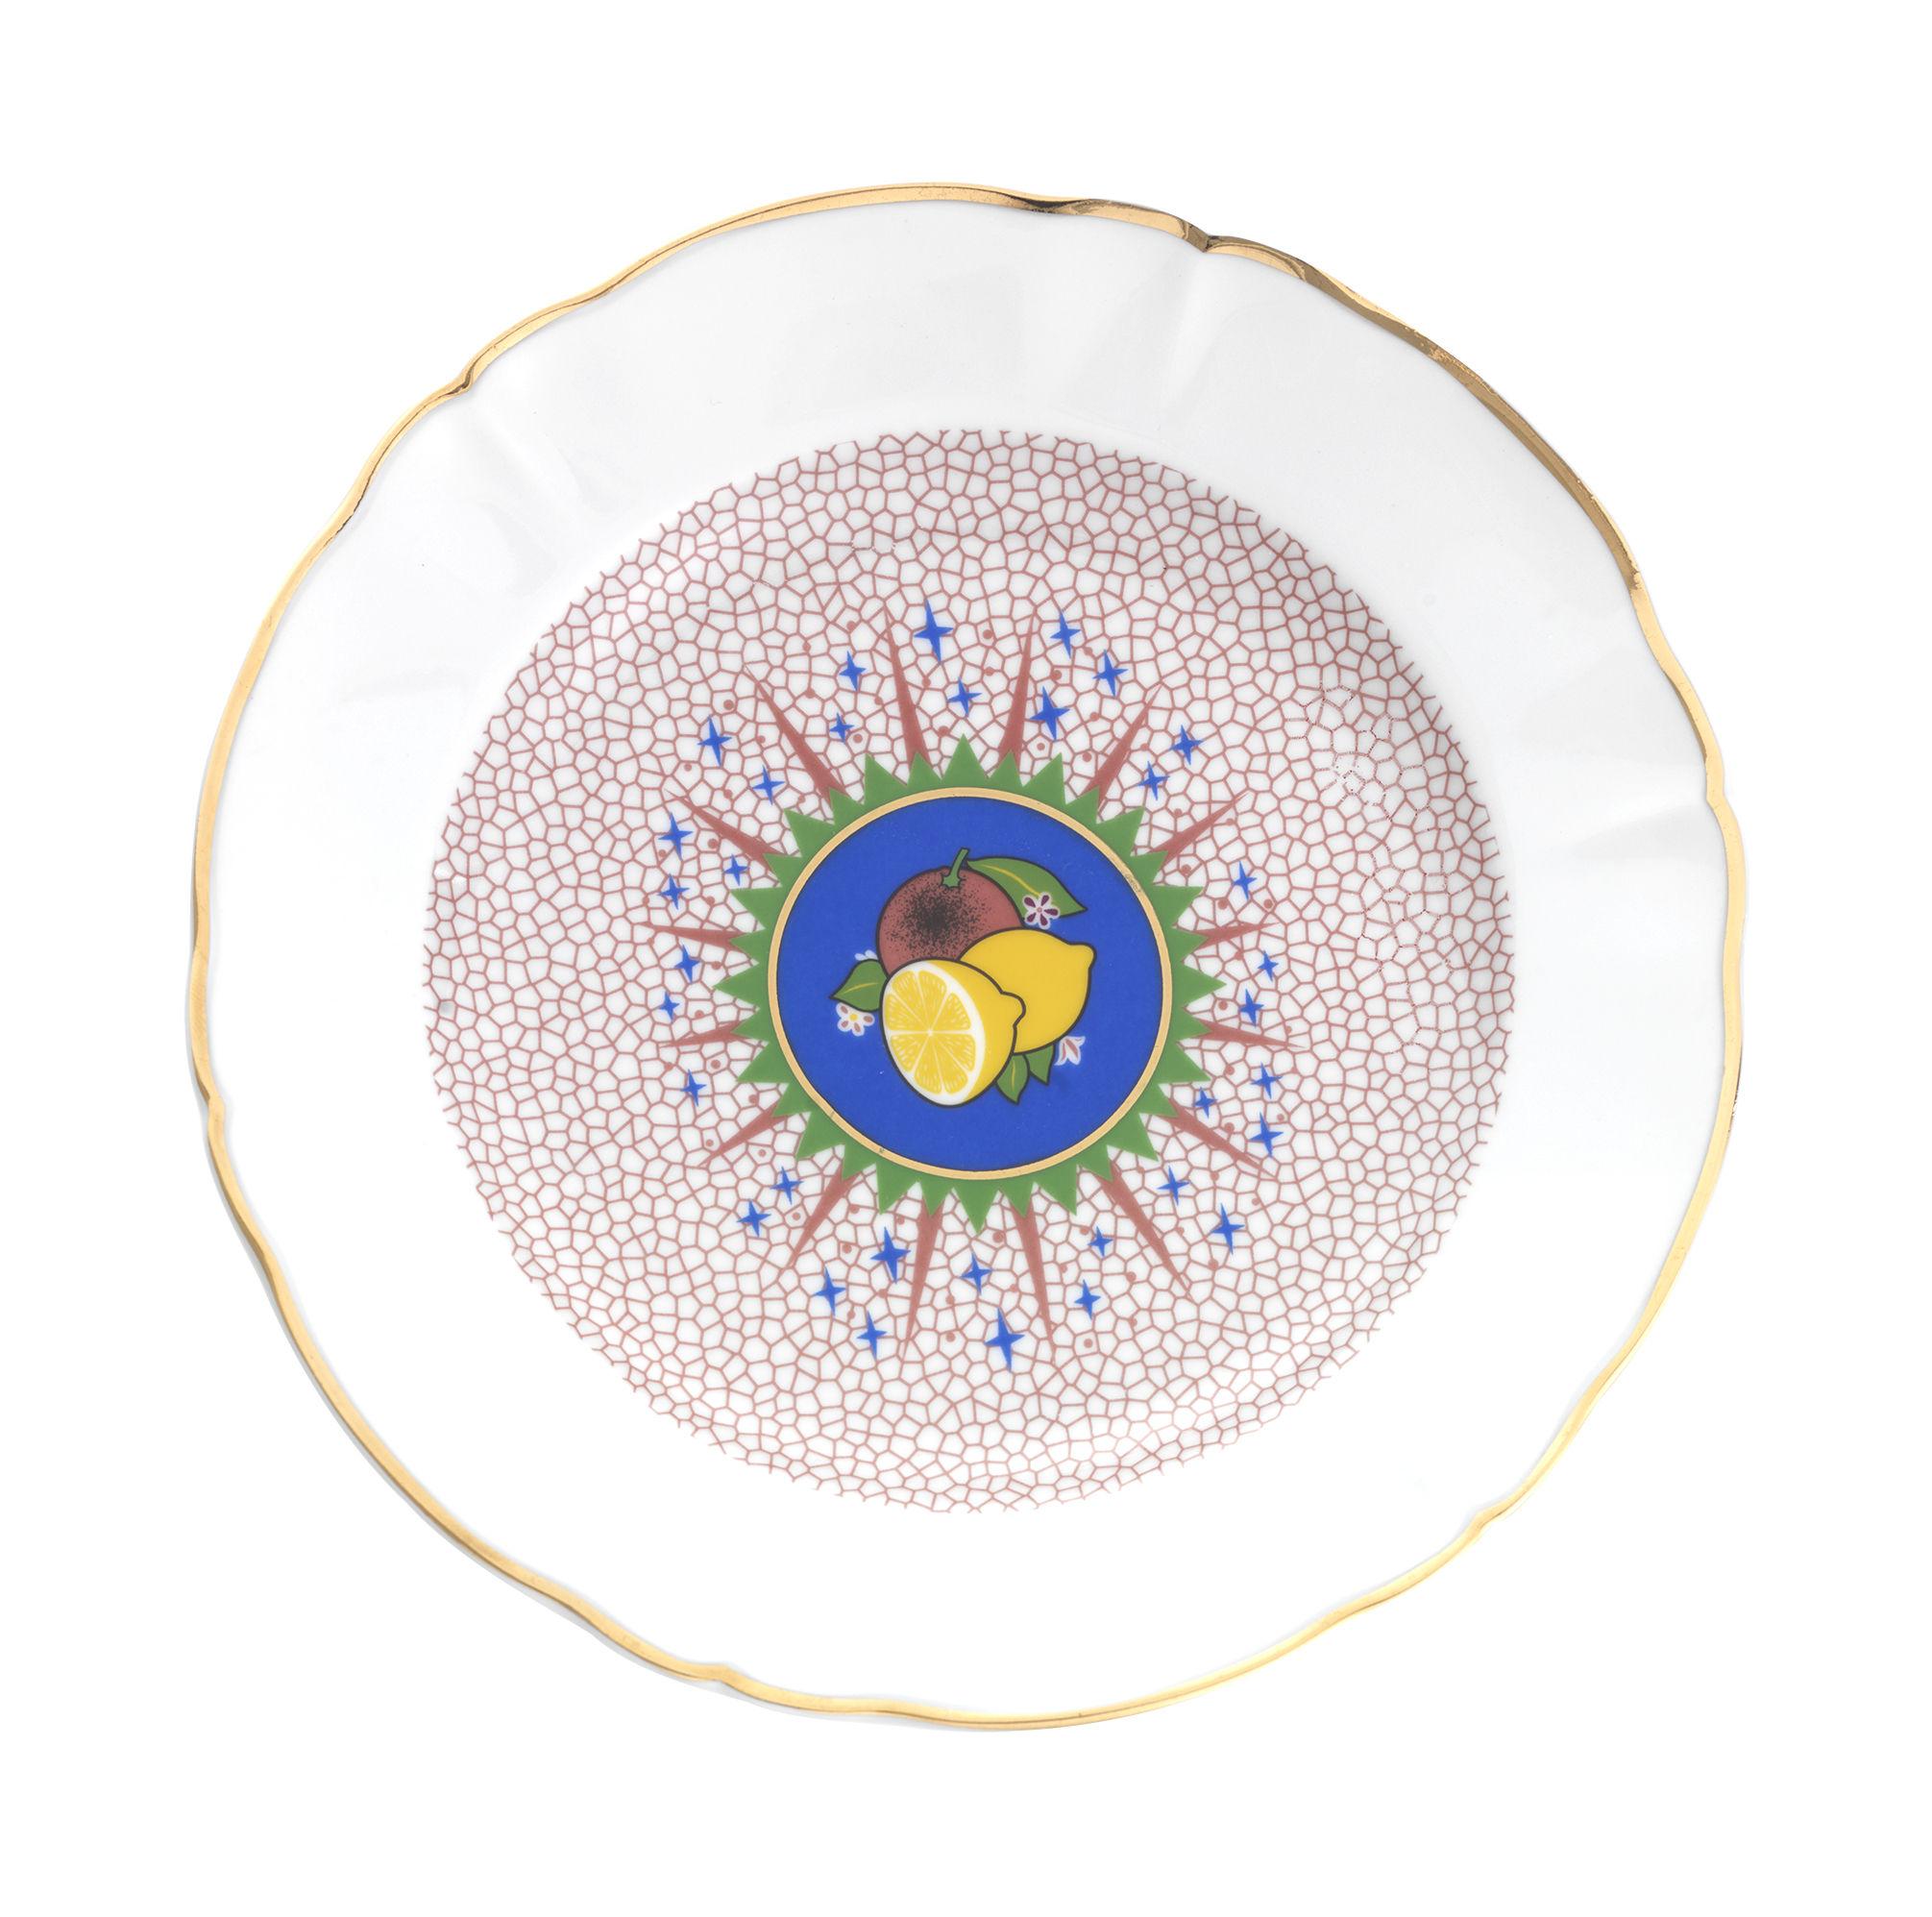 Arts de la table - Assiettes - Assiette Bel Paese - Limone / Ø 20,5 cm - Bitossi Home - Citron - Porcelaine